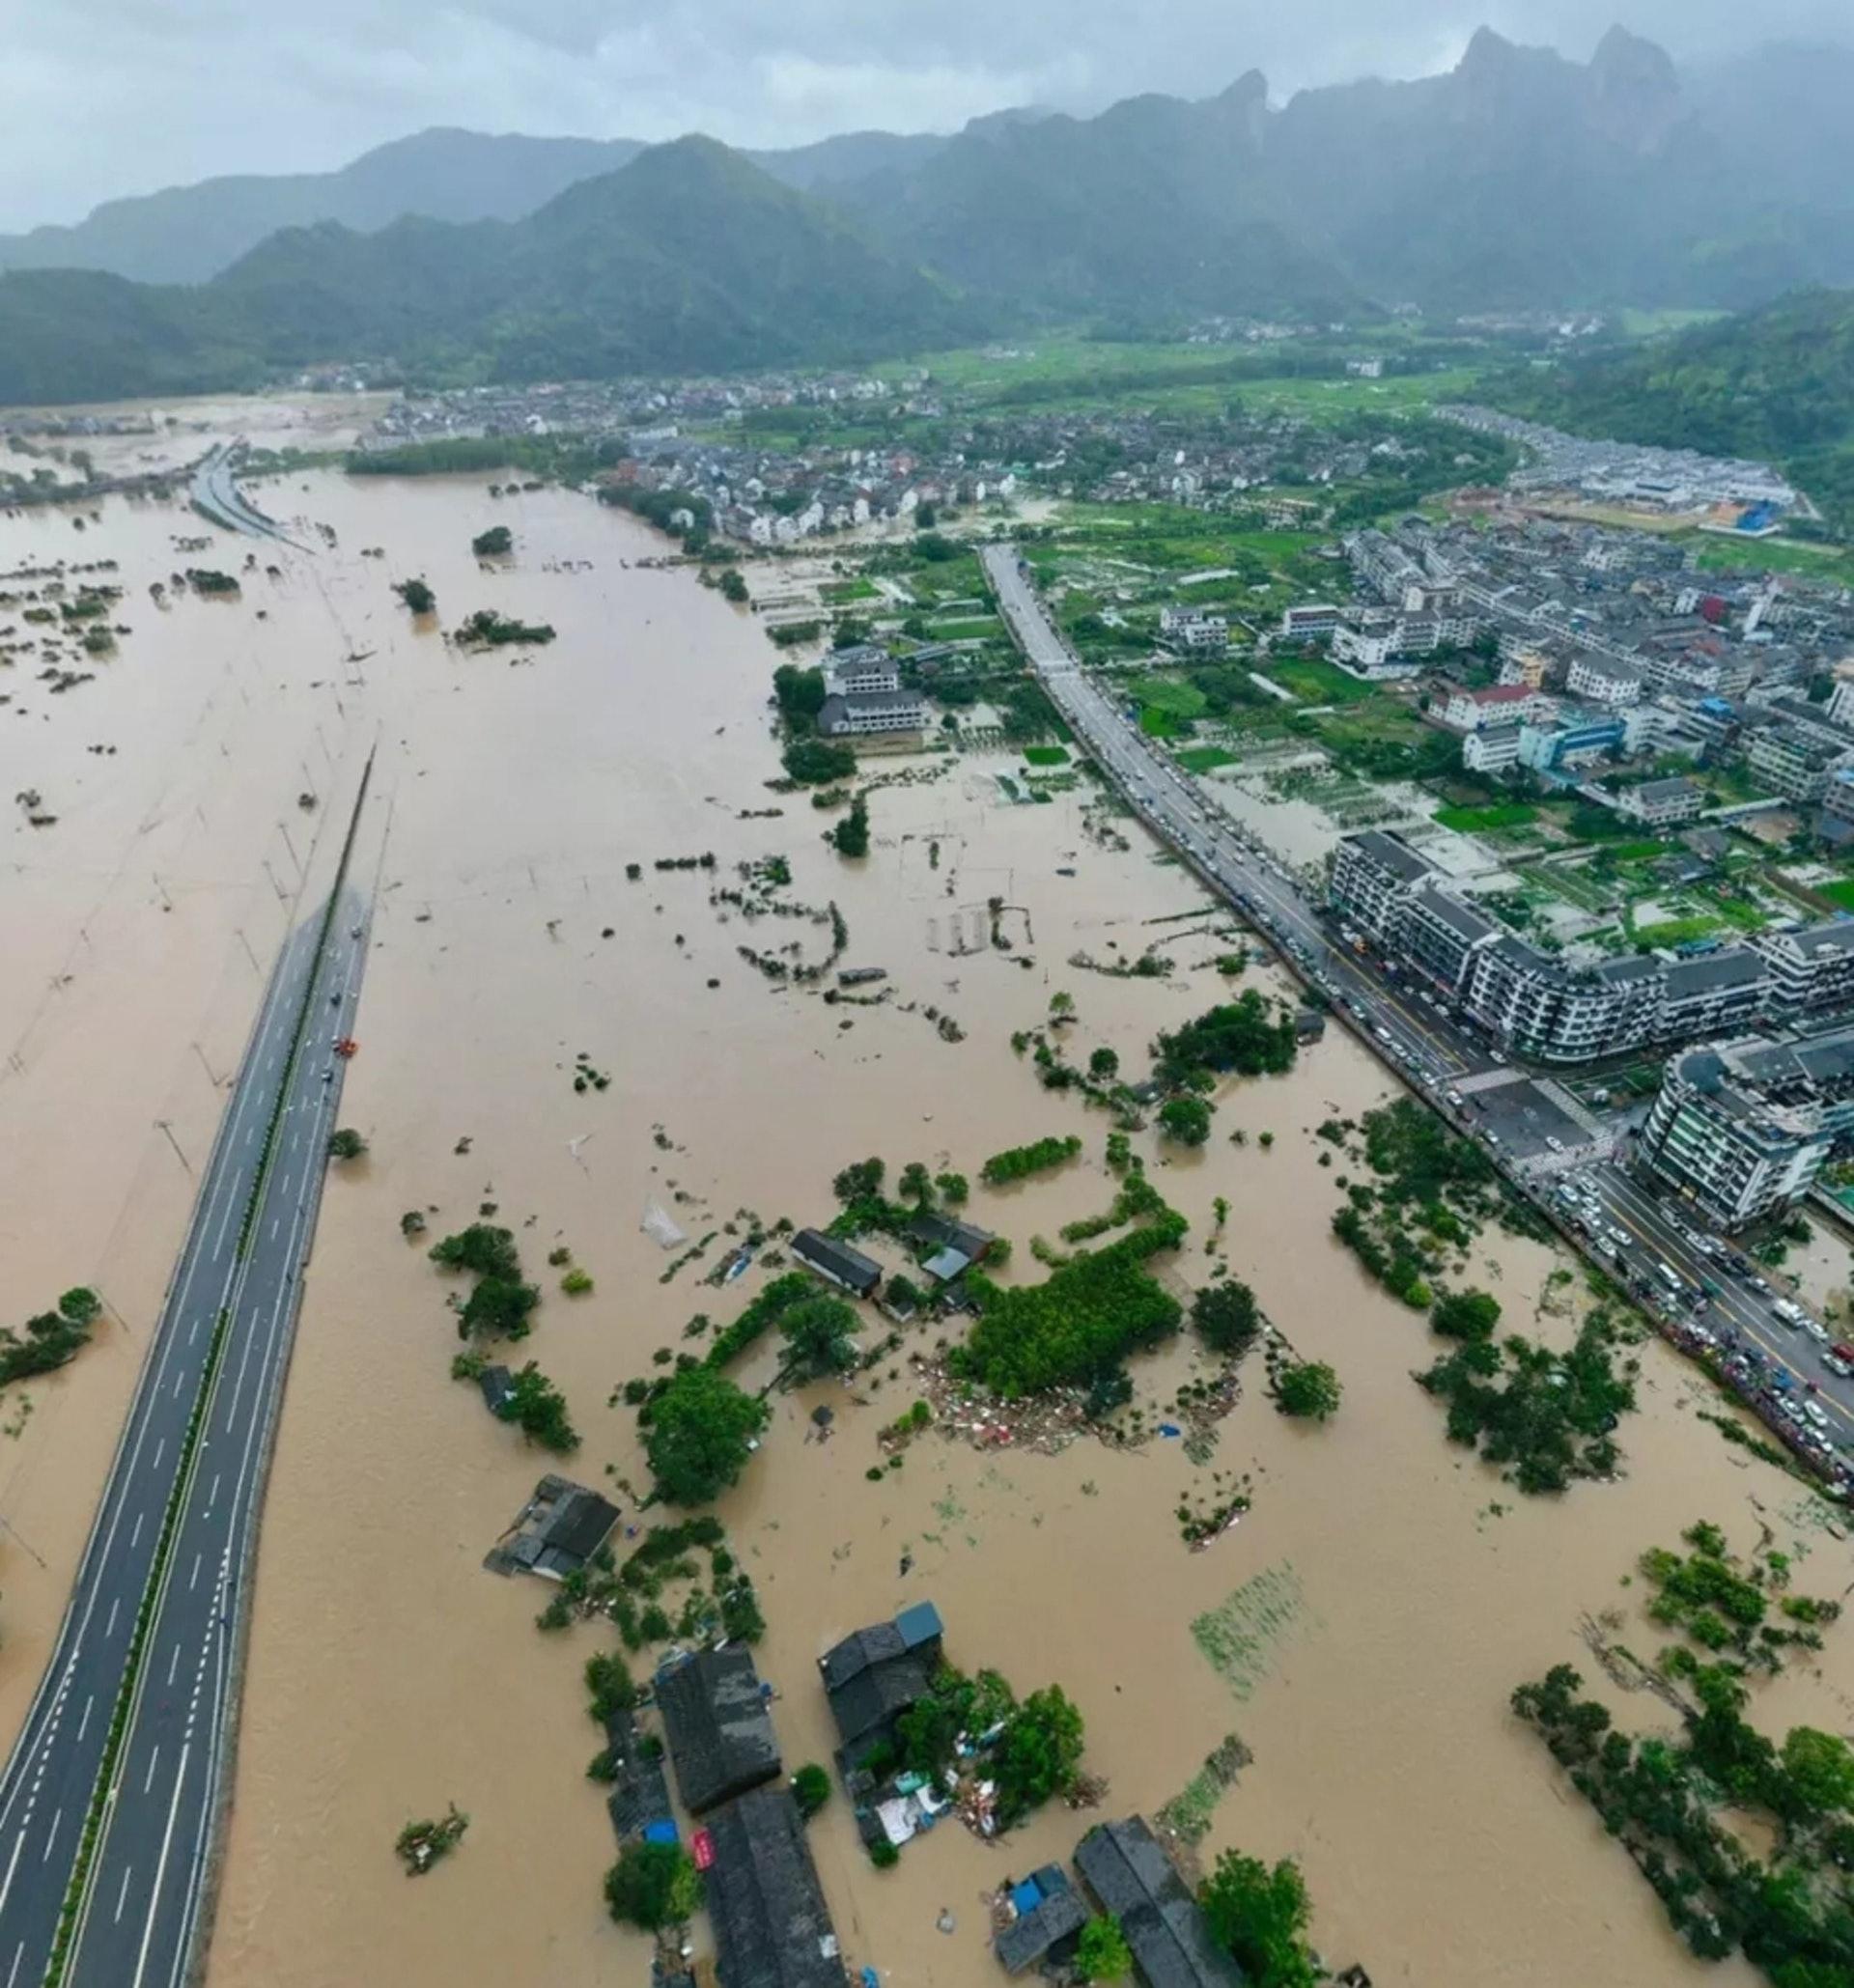 山早村被洪水淹沒。(澎湃新聞)